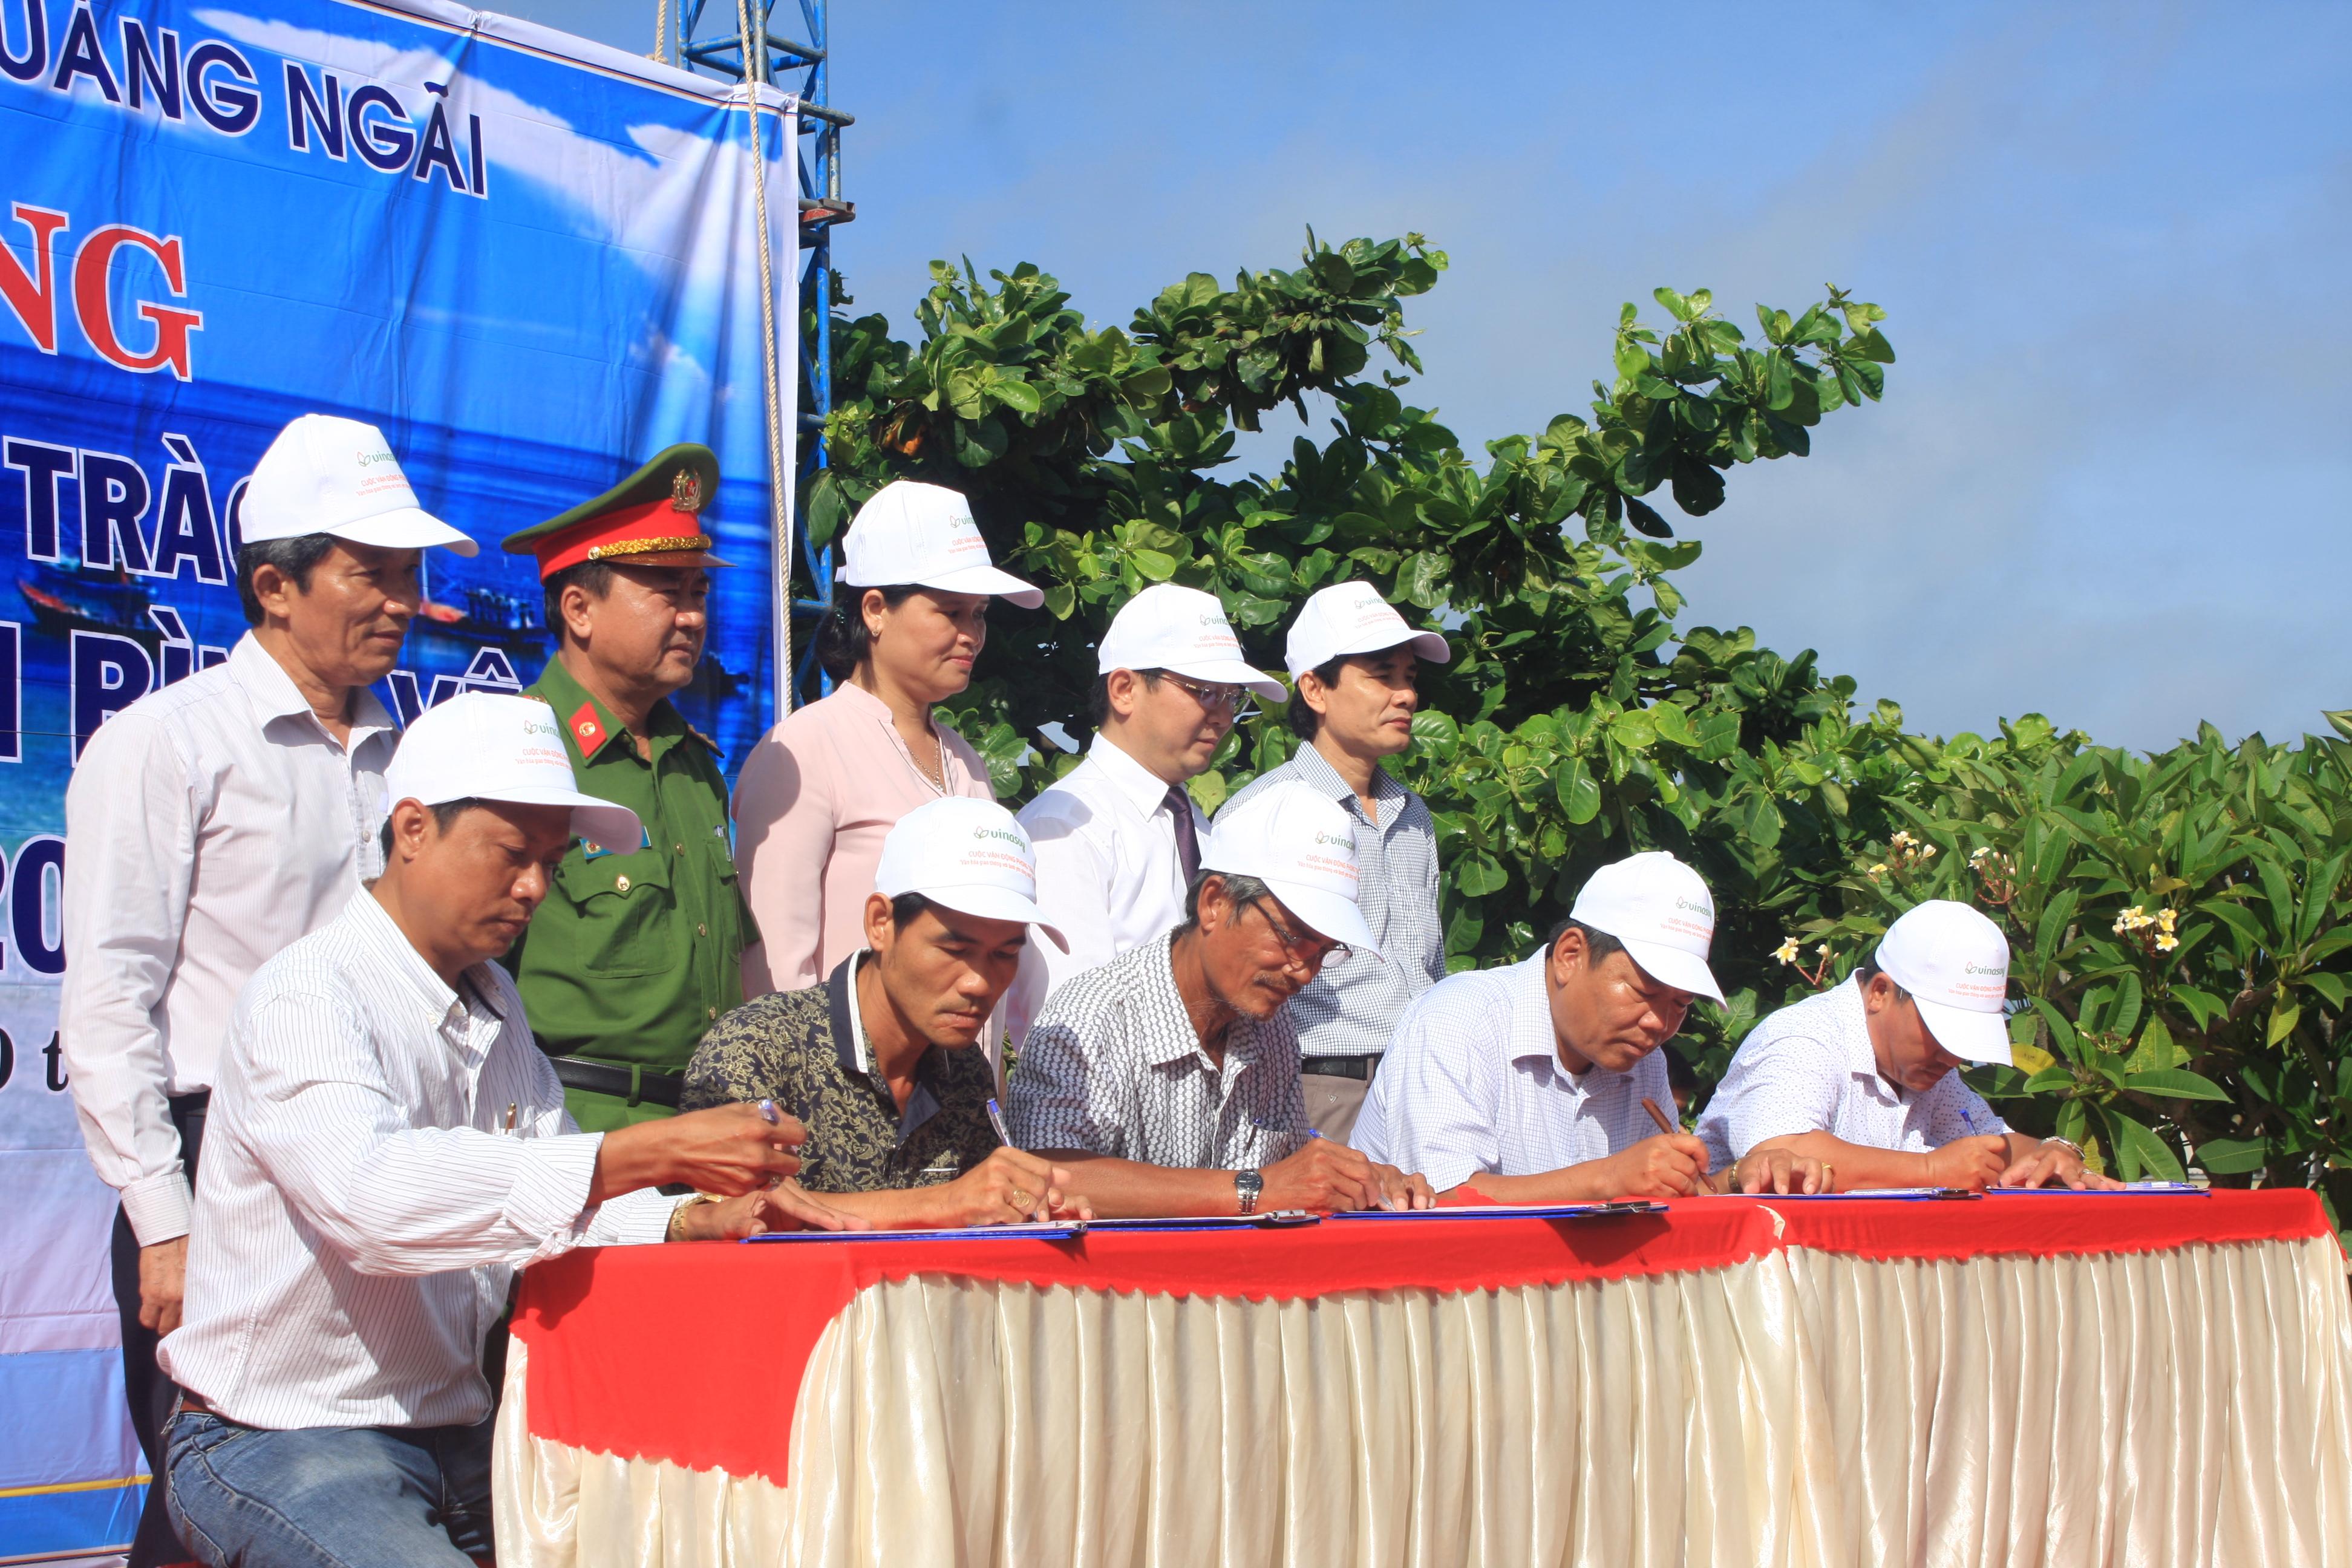 Ban ATGT tỉnh Quảng Ngãi tổ chức ký cam kết cho các chủ doanh nghiệp kinh doanh vận tải đường thủy nội địa trên địa bàn tỉnh.